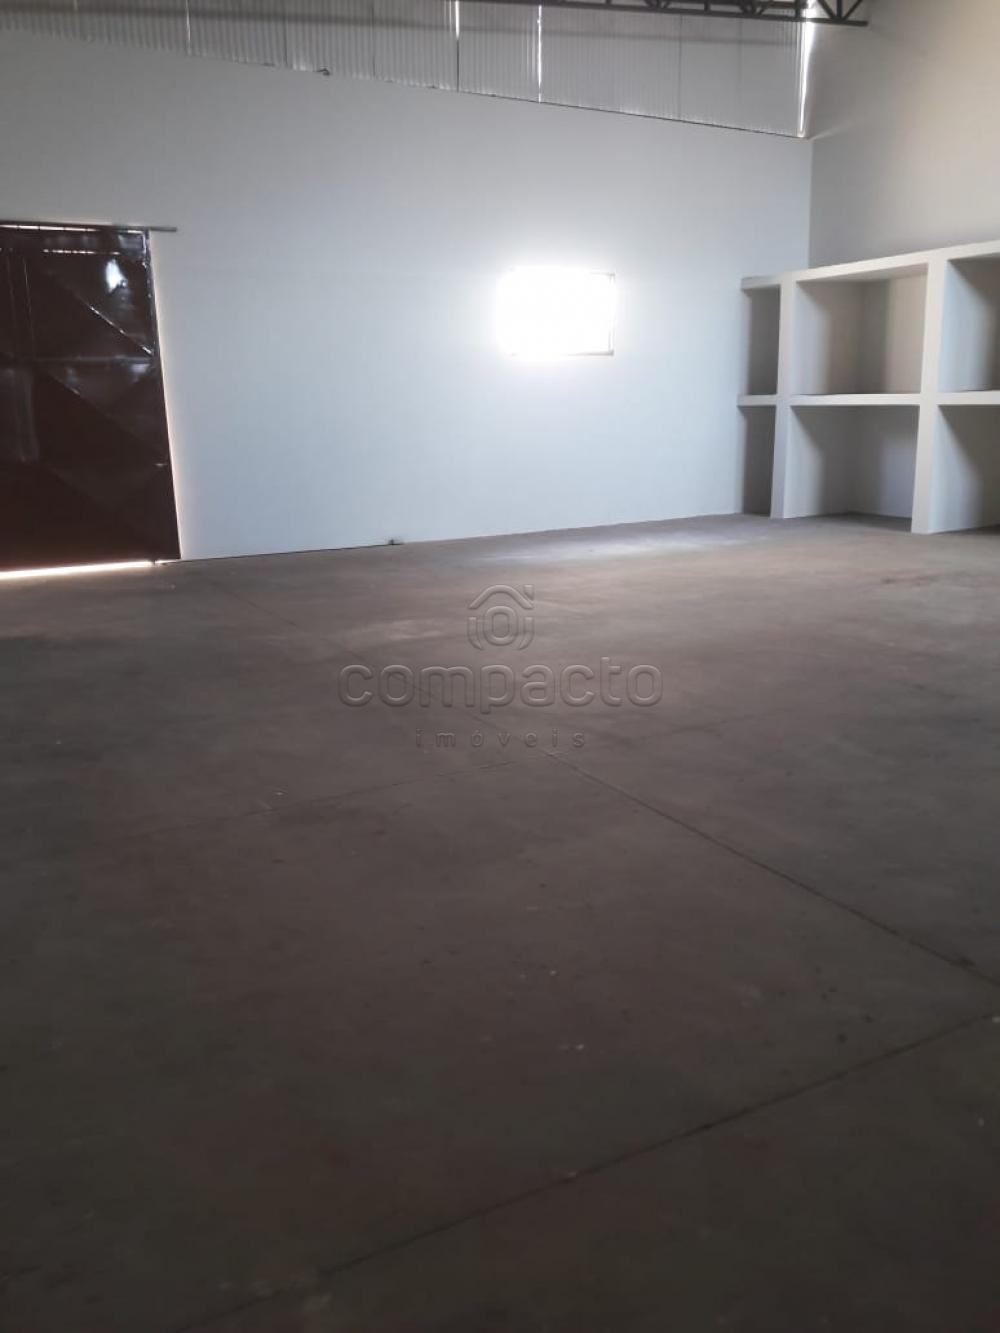 Alugar Comercial / Barracão em São José do Rio Preto apenas R$ 5.900,00 - Foto 12